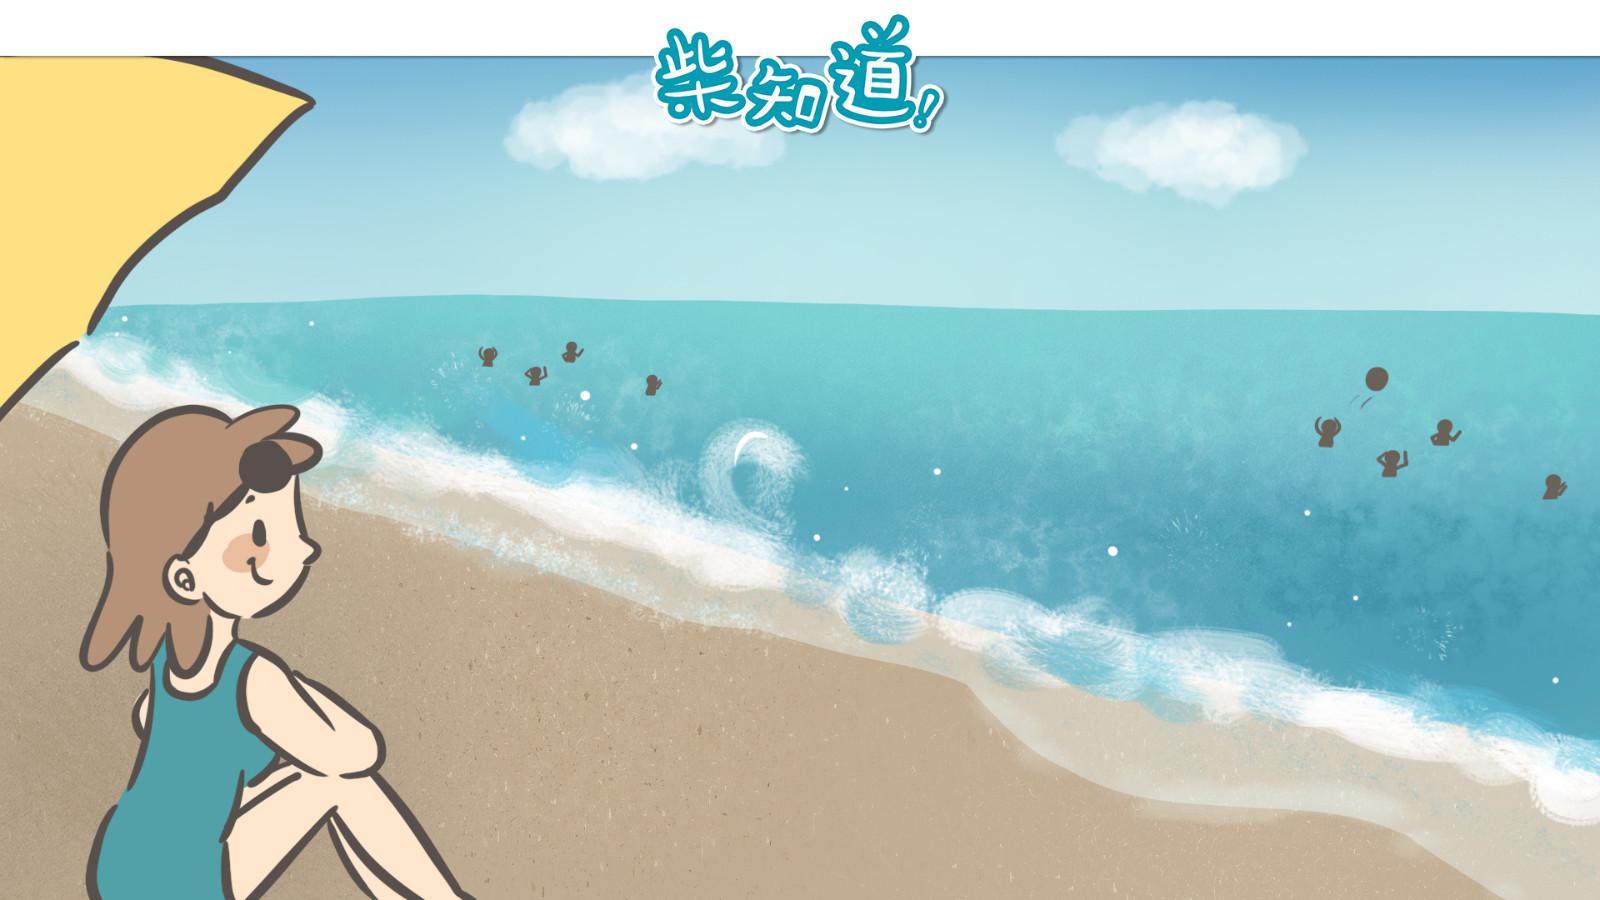 去沙滩度假?你考虑过沙子的感受没有?